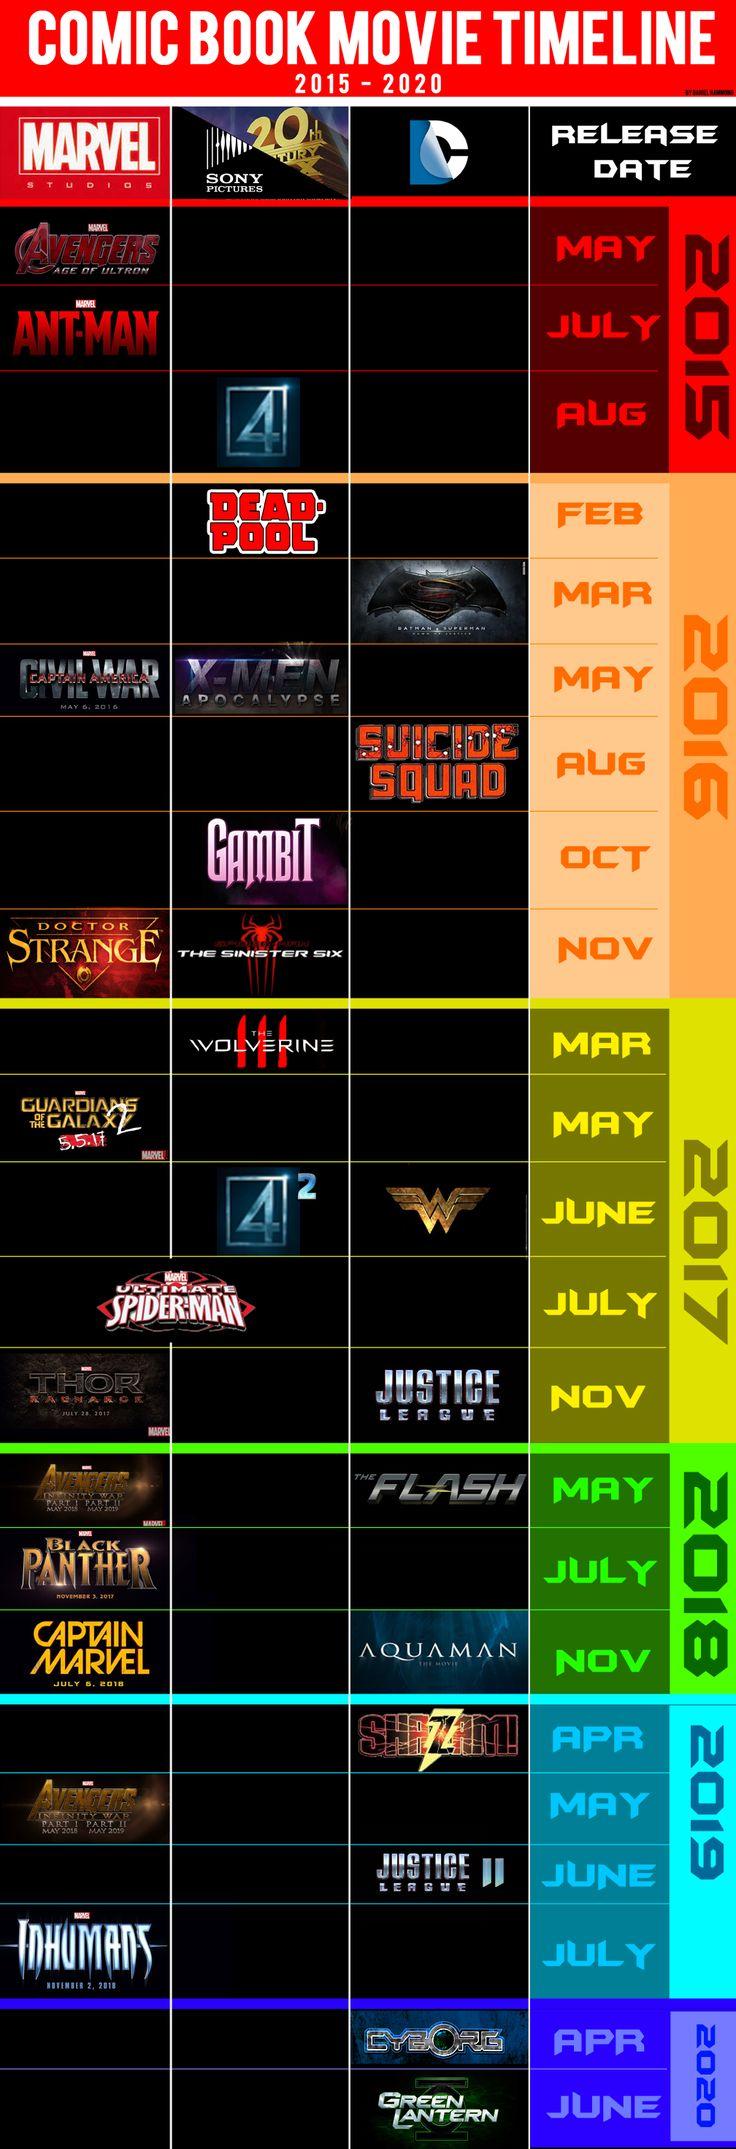 Dc comics movie release dates in Brisbane